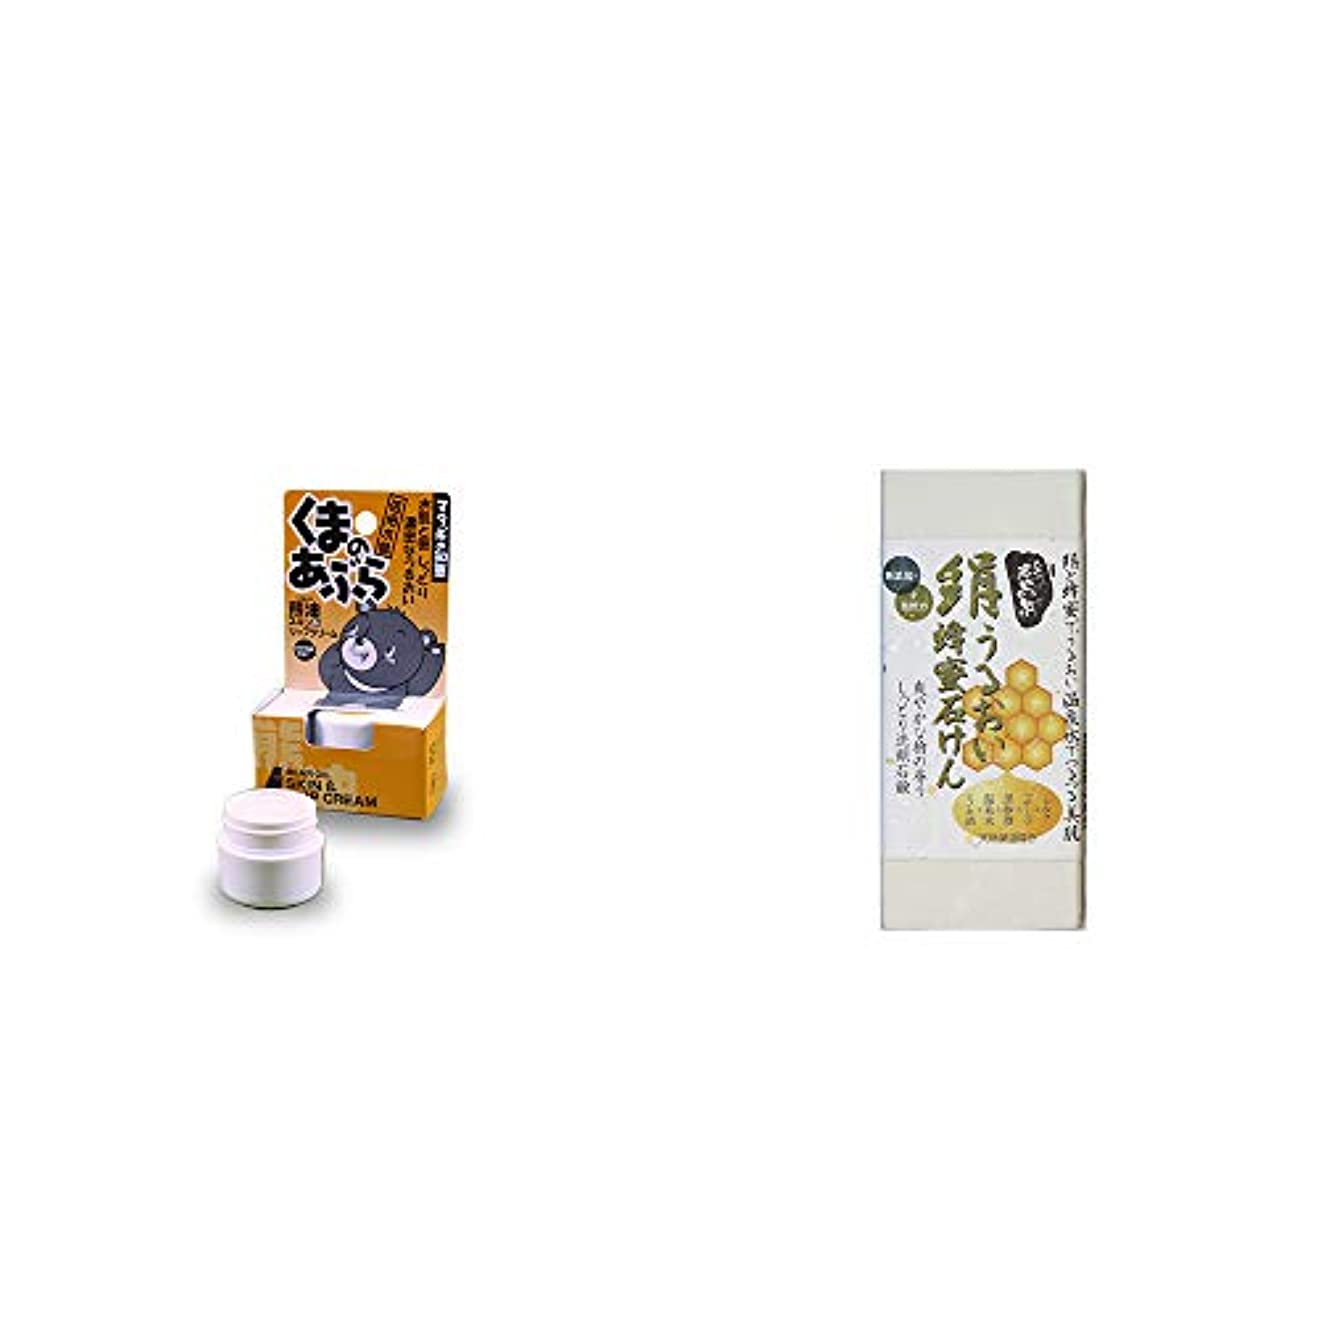 辞任シャーロットブロンテコンテンポラリー[2点セット] 信州木曽 くまのあぶら 熊油スキン&リップクリーム(9g)?ひのき炭黒泉 絹うるおい蜂蜜石けん(75g×2)